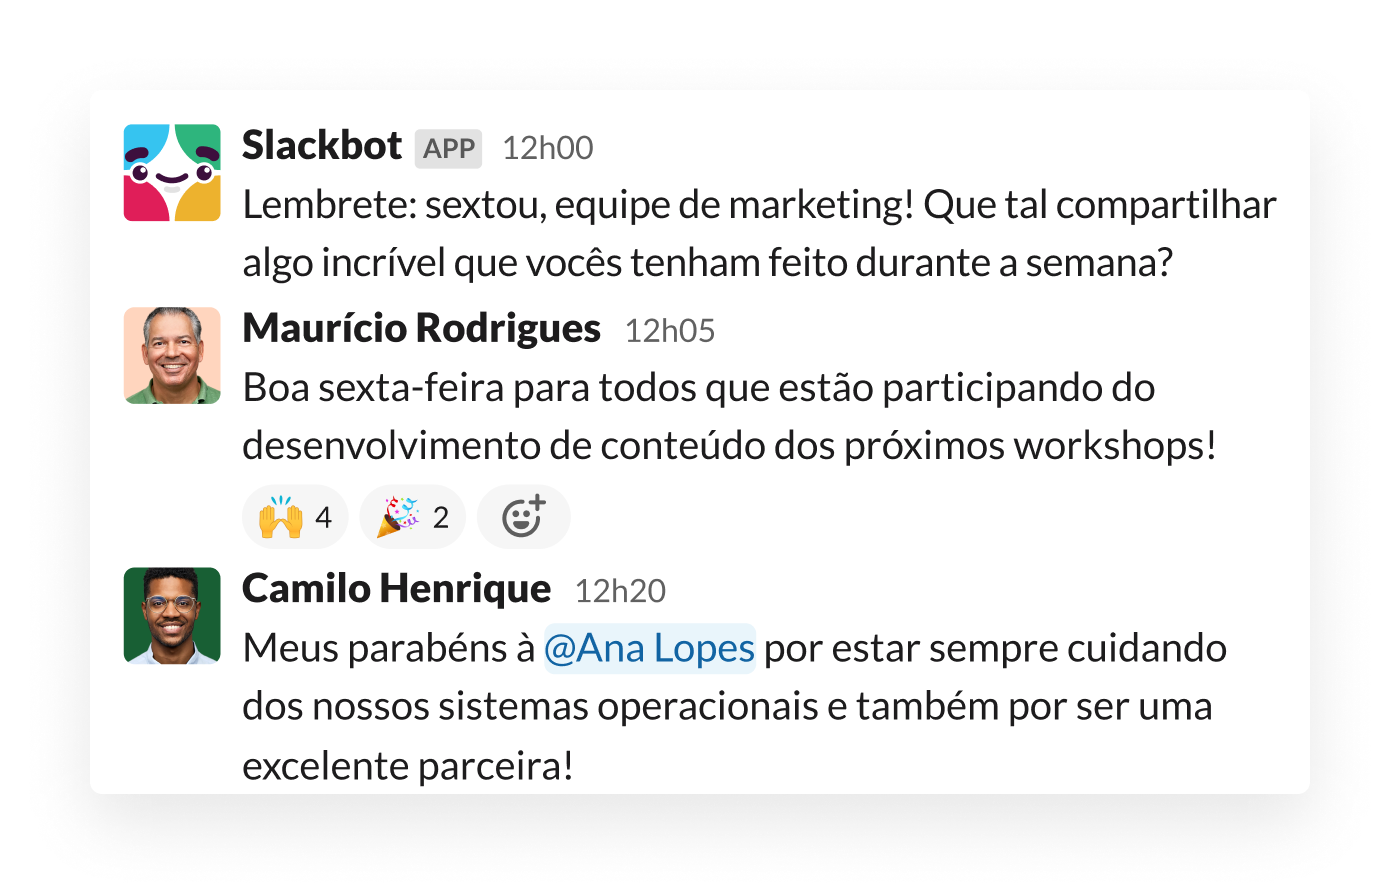 Uma mensagem automatizada do Slack incentiva os colegas de equipe a reconhecer o trabalho uns dos outros